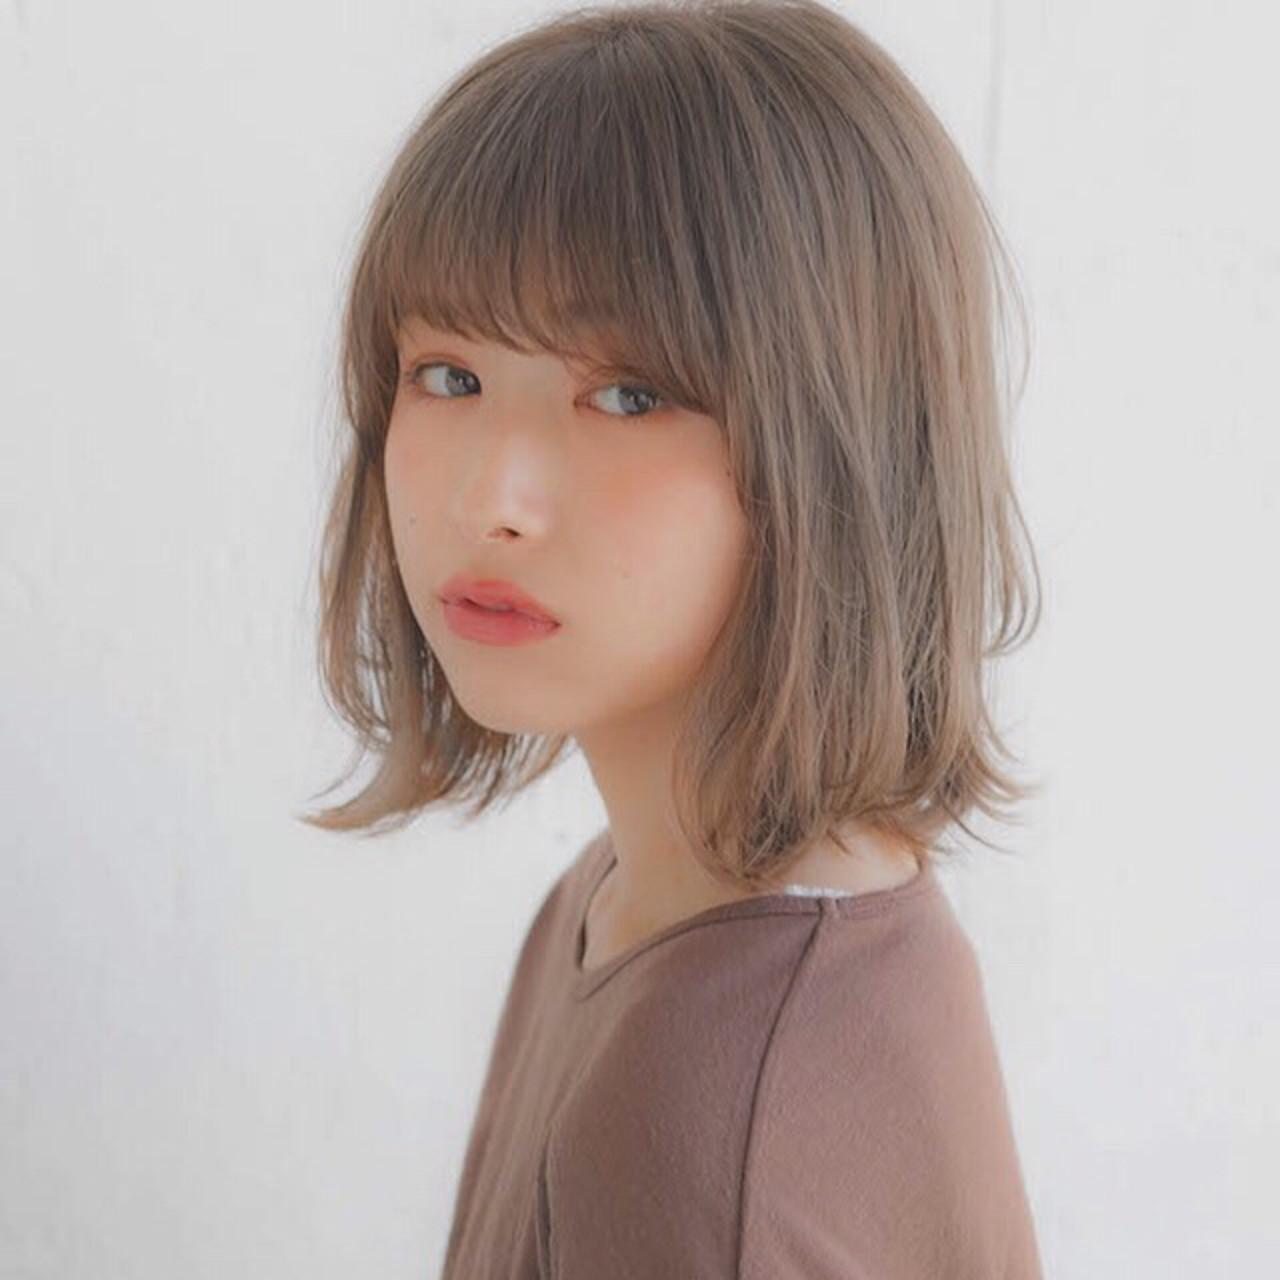 グレージュ 大人かわいい パーマ フェミニン ヘアスタイルや髪型の写真・画像